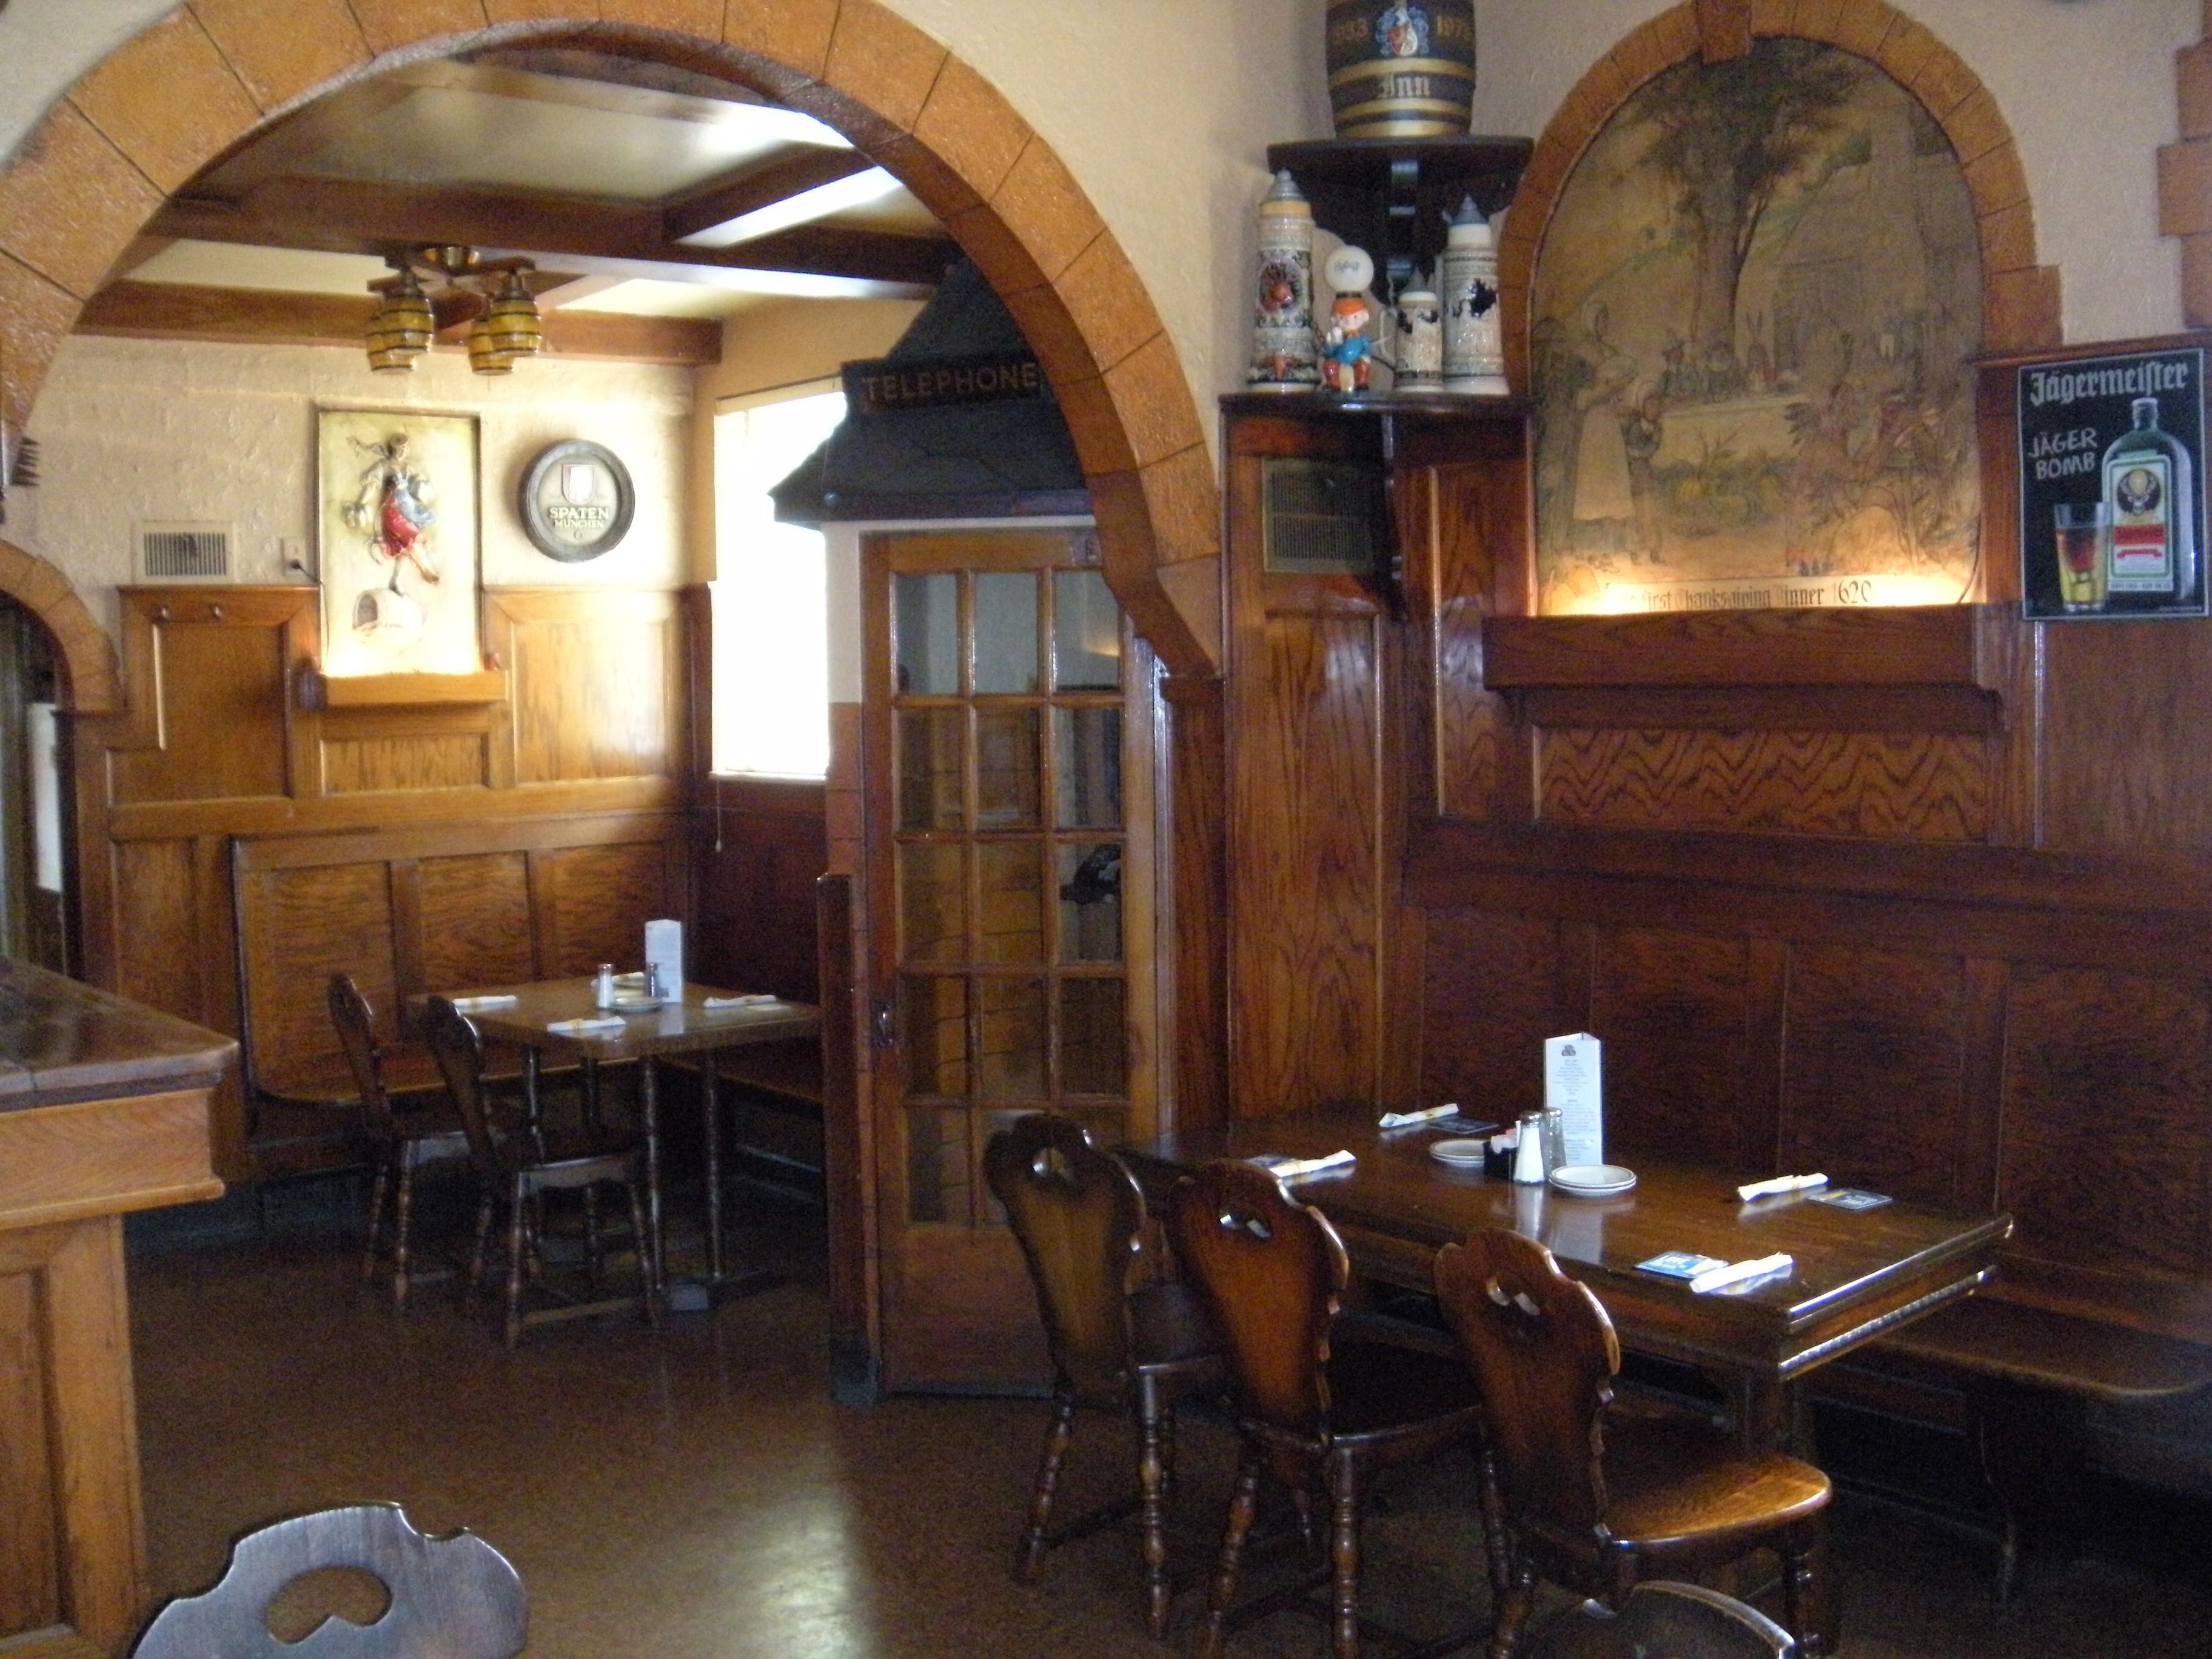 History the Dakota Inn Rathskeller : Telephone Booth from www.dakota-inn.com size 3648 x 2736 jpeg 1927kB